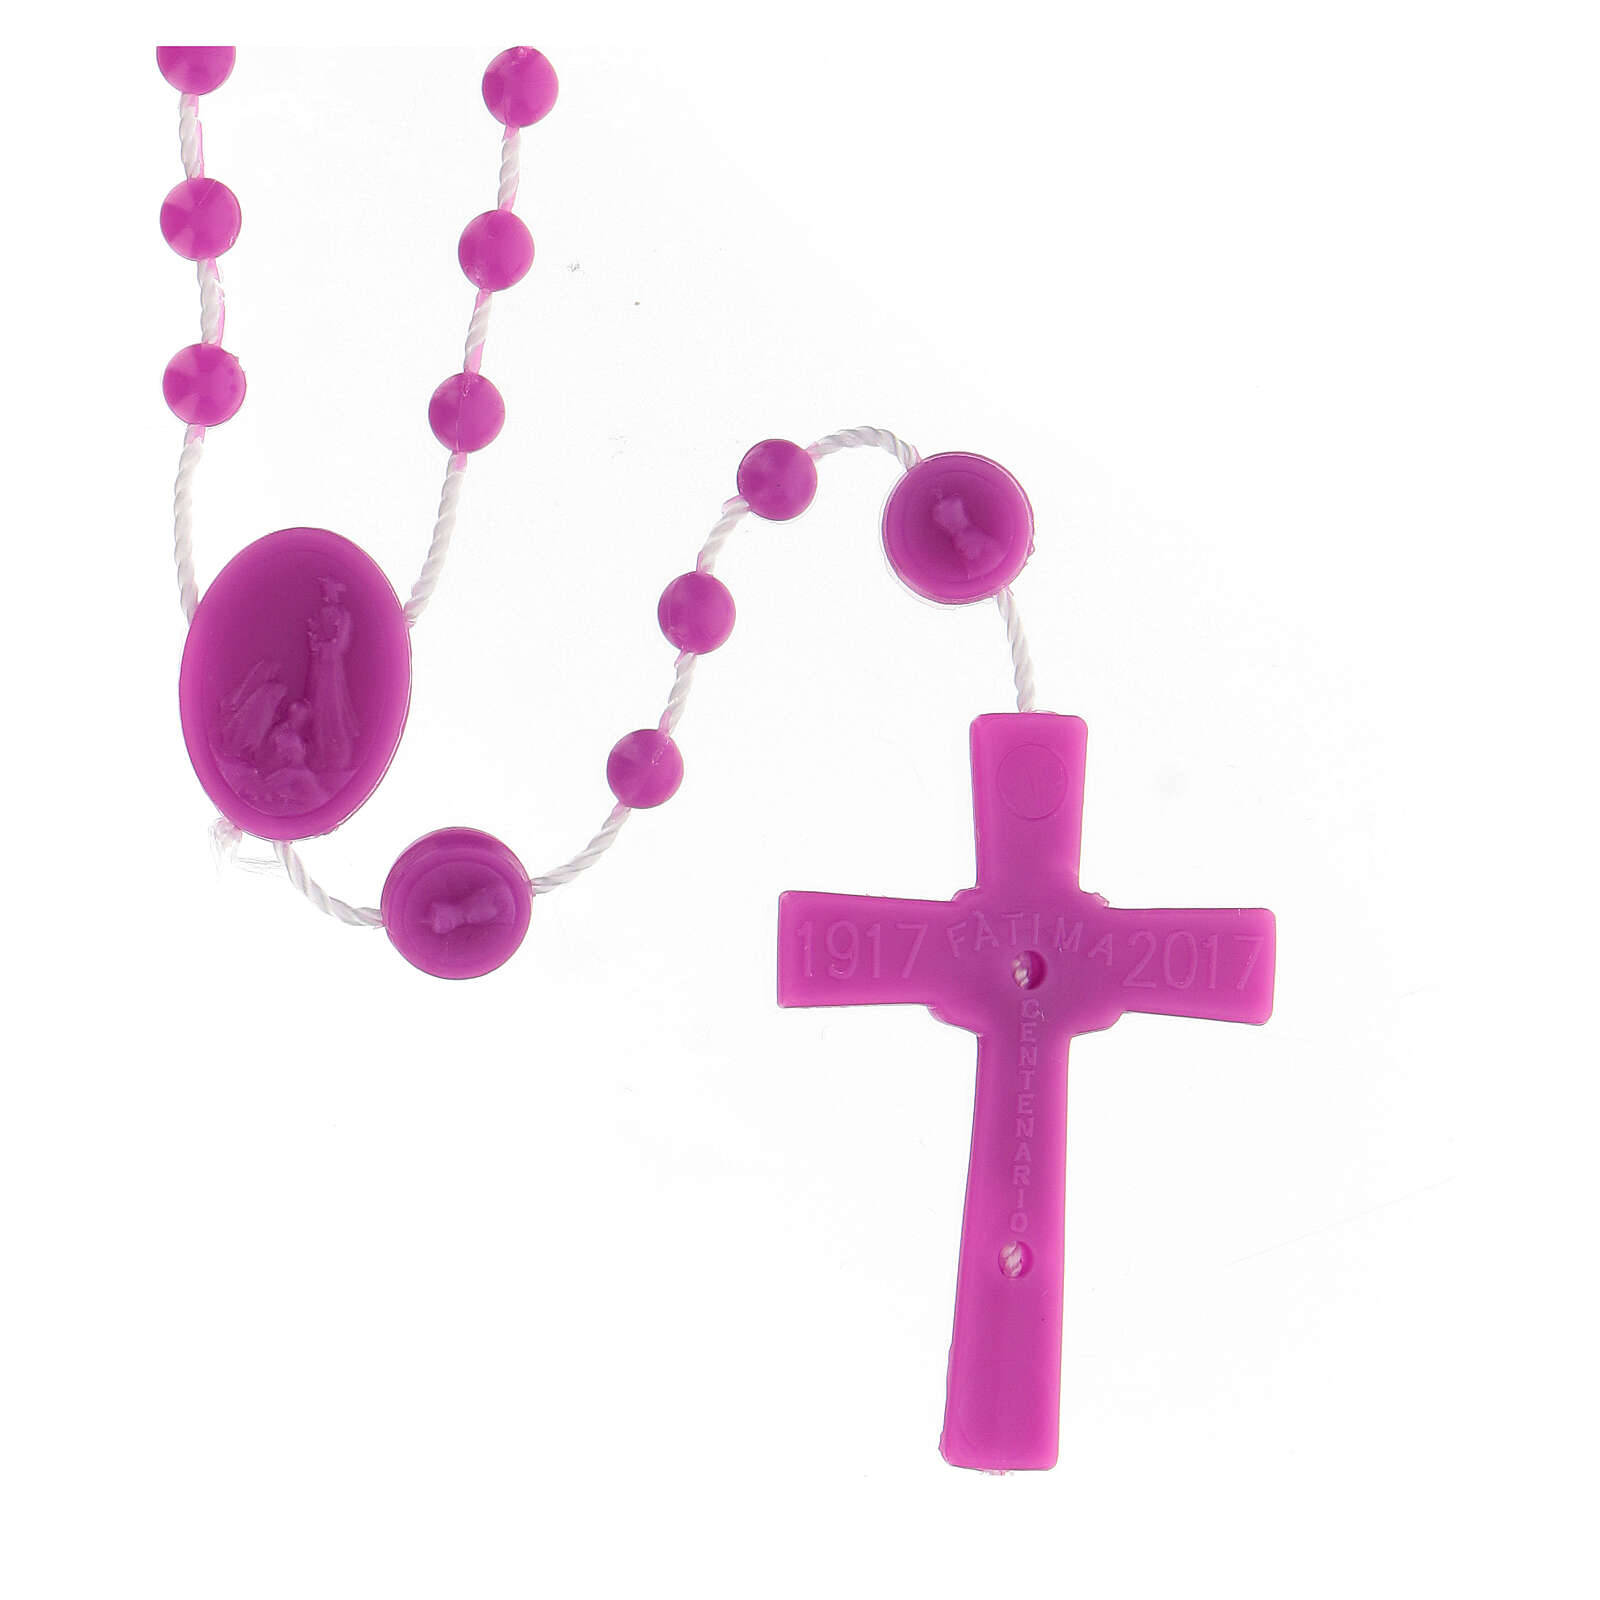 STOCK Terço nylon Nossa Senhora de Fátima contas cor-de-rosa 4 mm 4